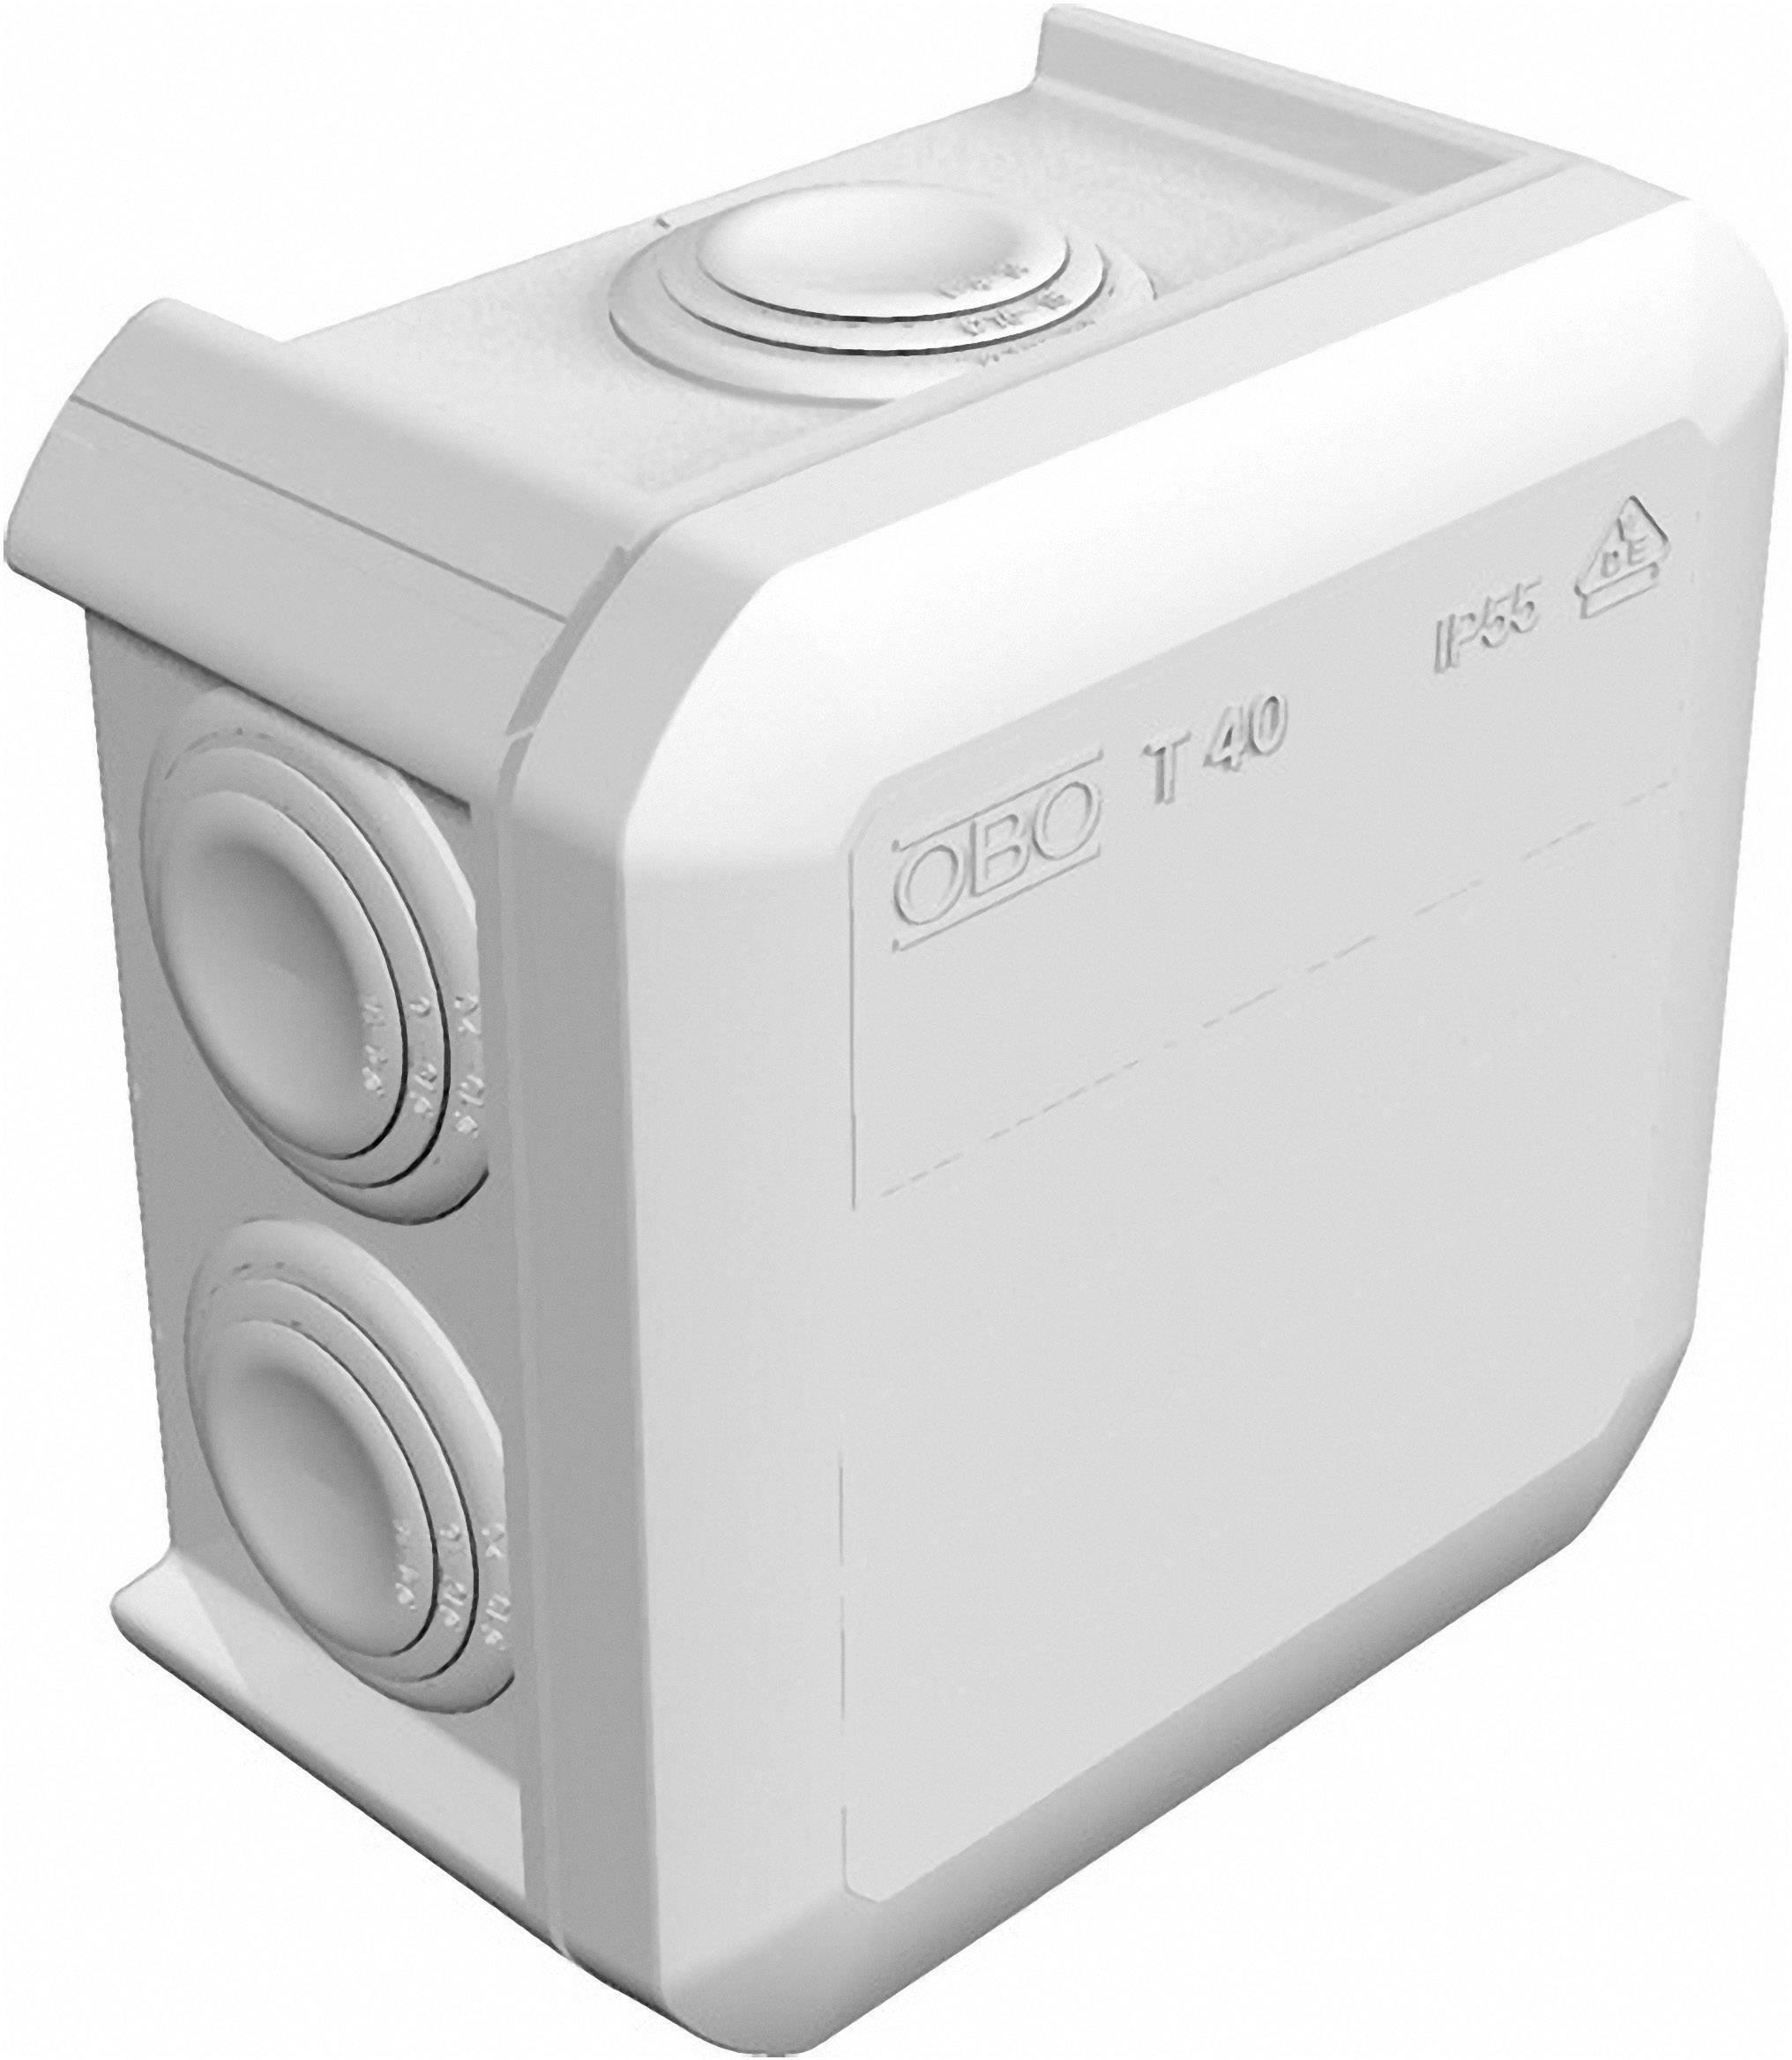 Rozbočovací krabice, OBO Bettermann 2007045, světle šedá